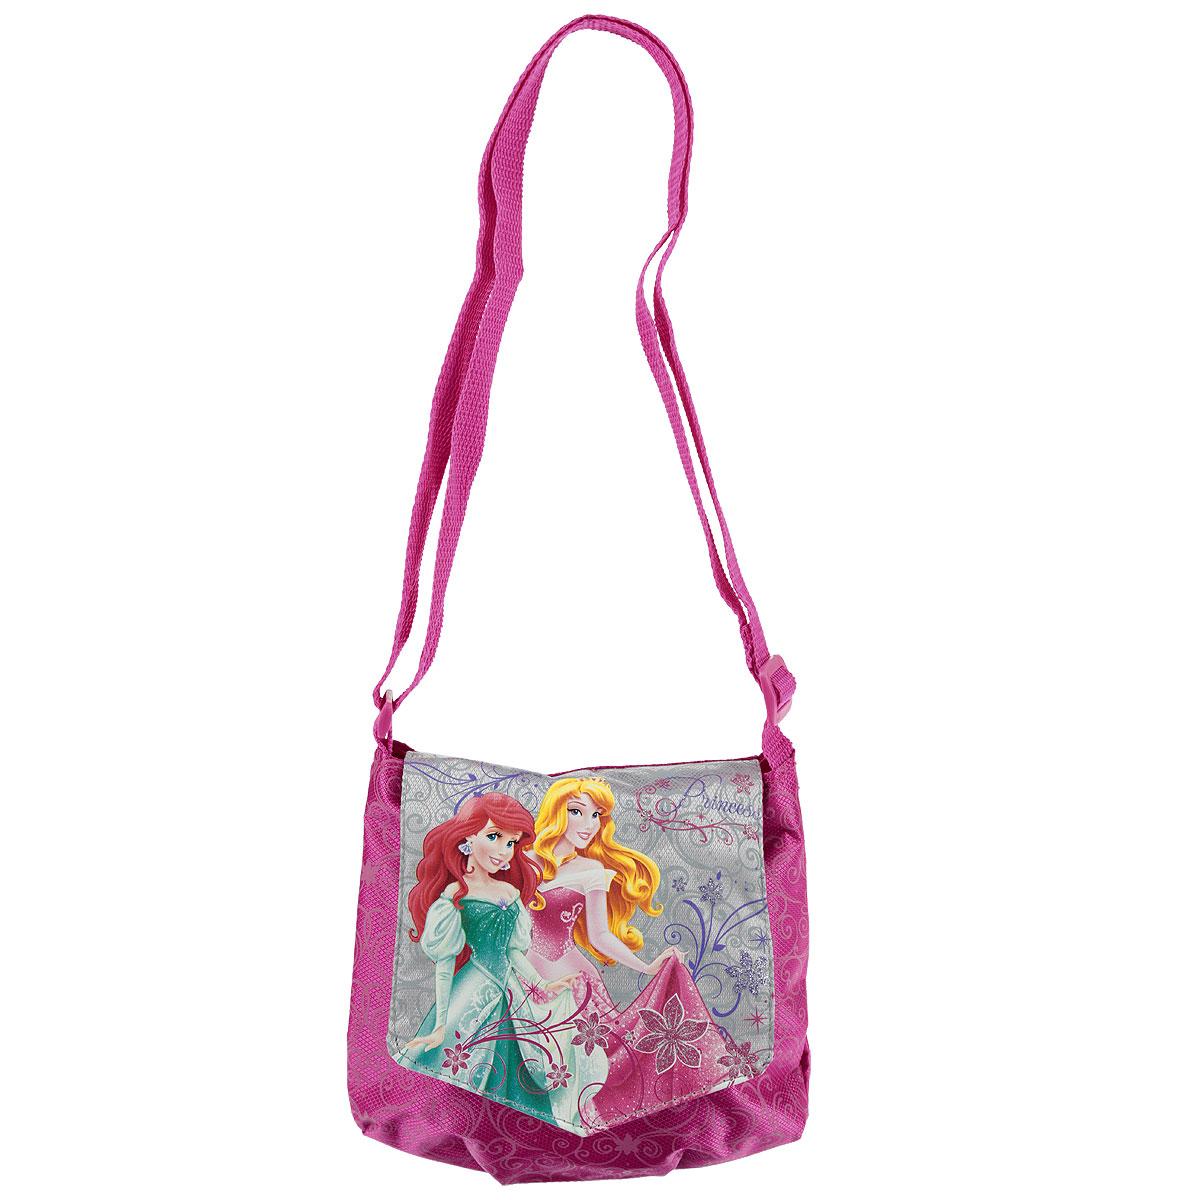 Сумочка детская Princess, цвет: розовый. PRAA-UT1-57012PRAA-UT1-57012Стильная детская сумочка Princess порадует любую модницу и поклонницу мультфильма. Сумочка имеет одно отделение, закрывающееся на перекидной клапан на липучке с изображением принцесс. Лицевая сторона сумочки оформлена притнтолм-узором. Сумочка оснащена регулируемым по длине ремнем для переноски, благодаря чему подойдет детям любого роста. Каждая юная поклонница популярной серии игрушек, будет рада такому аксессуару. Предназначено для детей 7-10 лет.